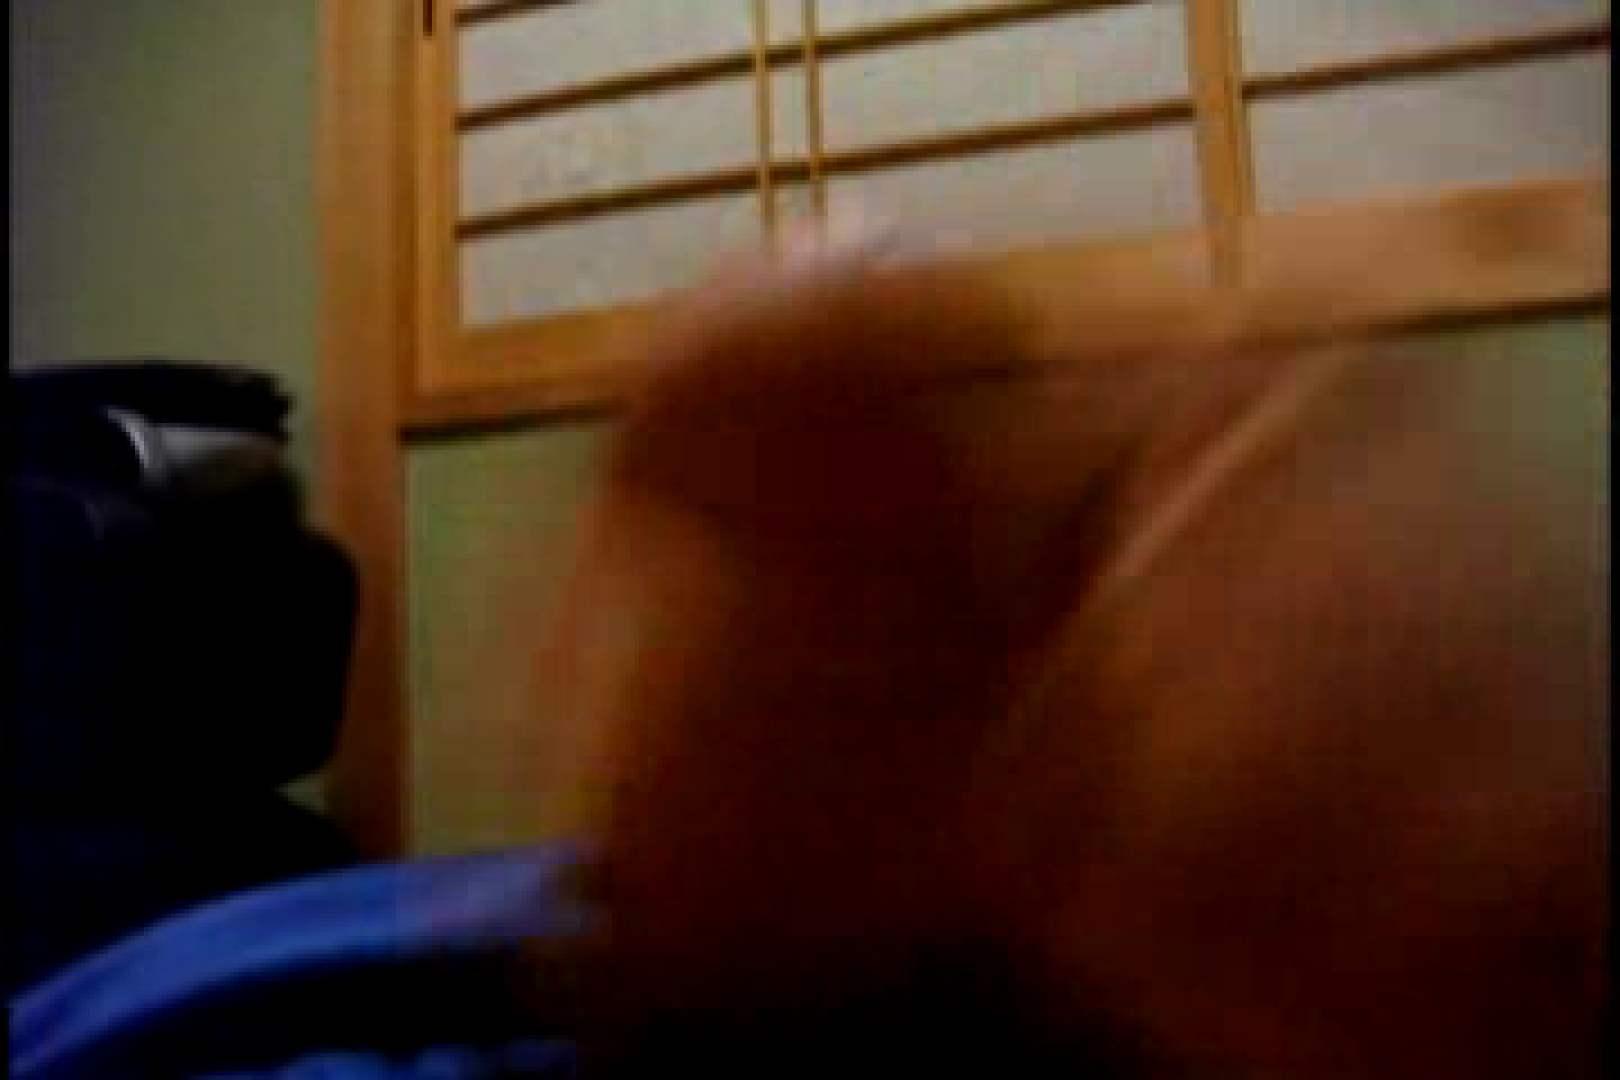 オナ好きノンケテニス部員の自画撮り投稿vol.02 モザ無し エロビデオ紹介 77枚 46